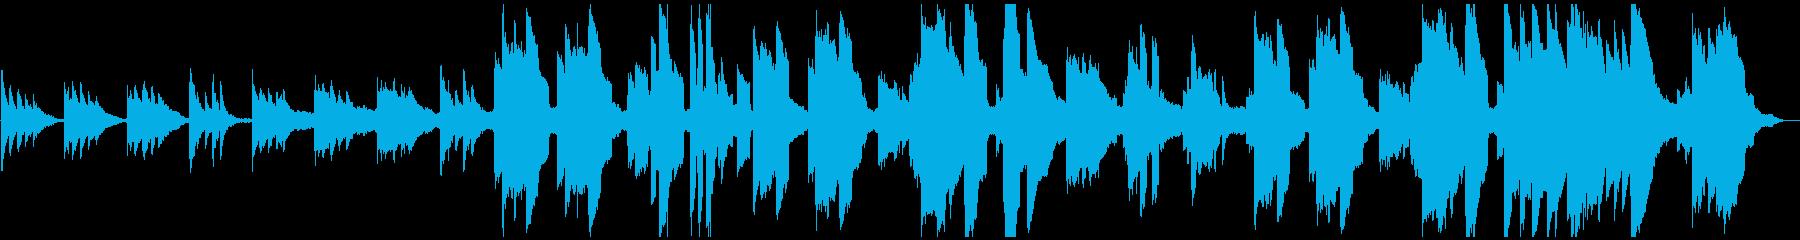 アコギ・エレピが目立つしっとりしたBGMの再生済みの波形